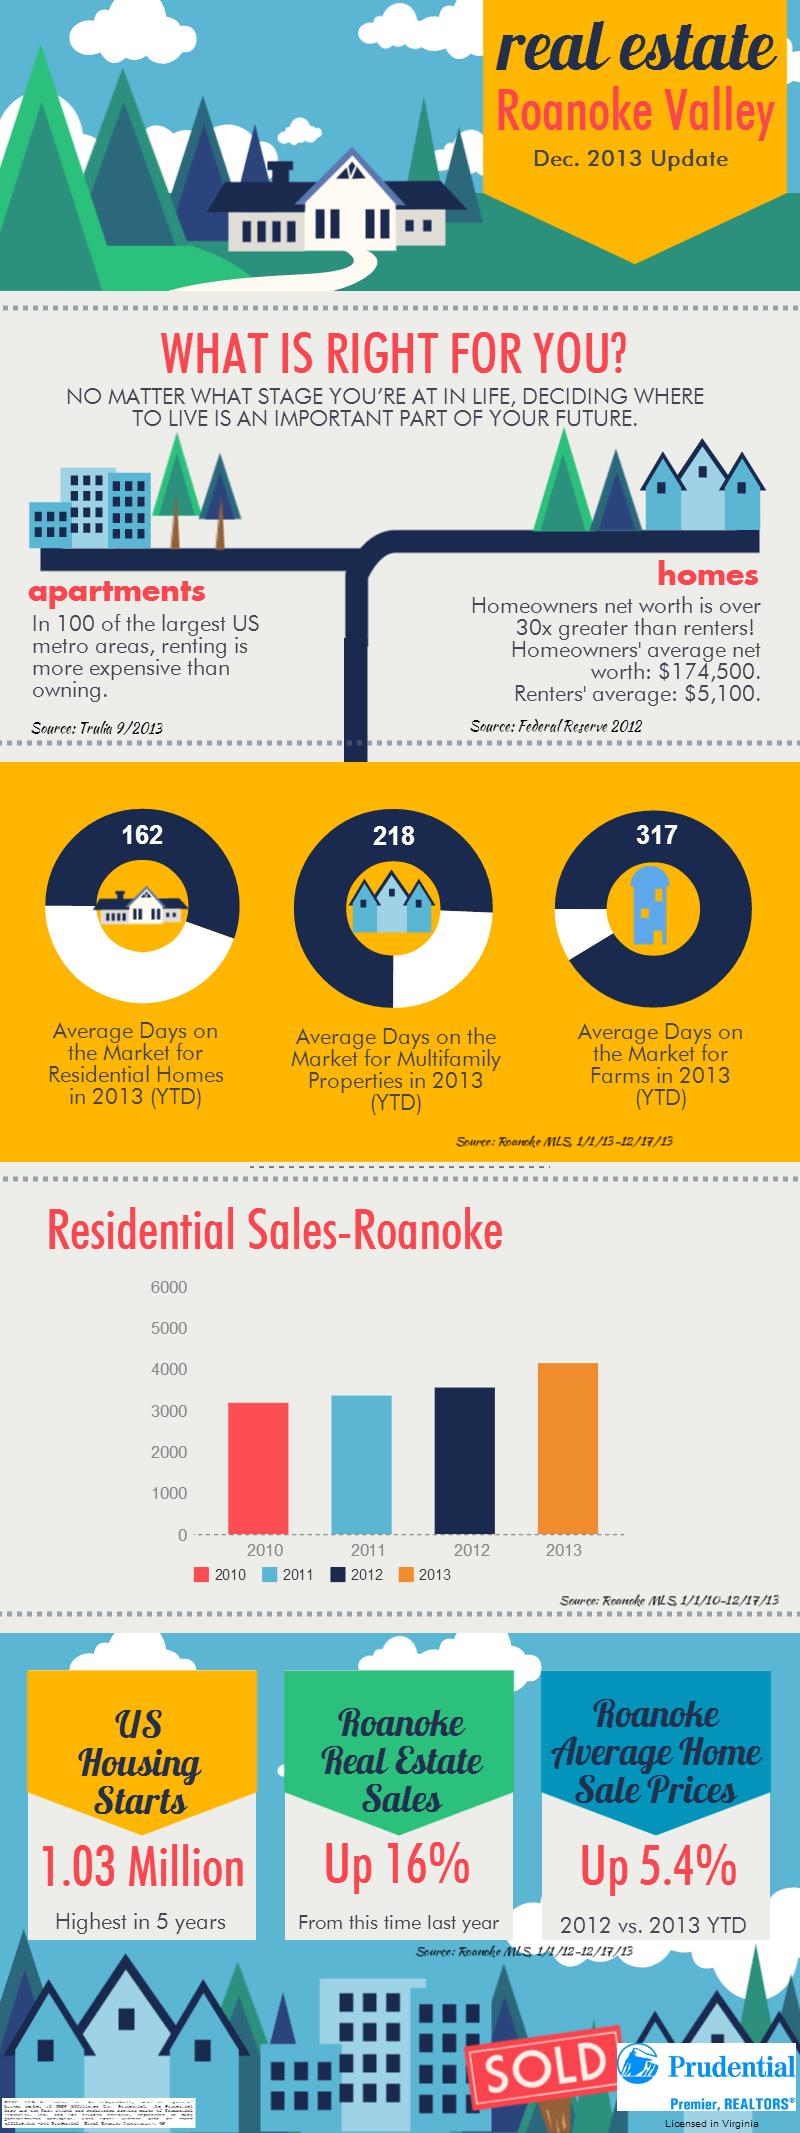 Roanoke Real Estate Market Update for December 2013